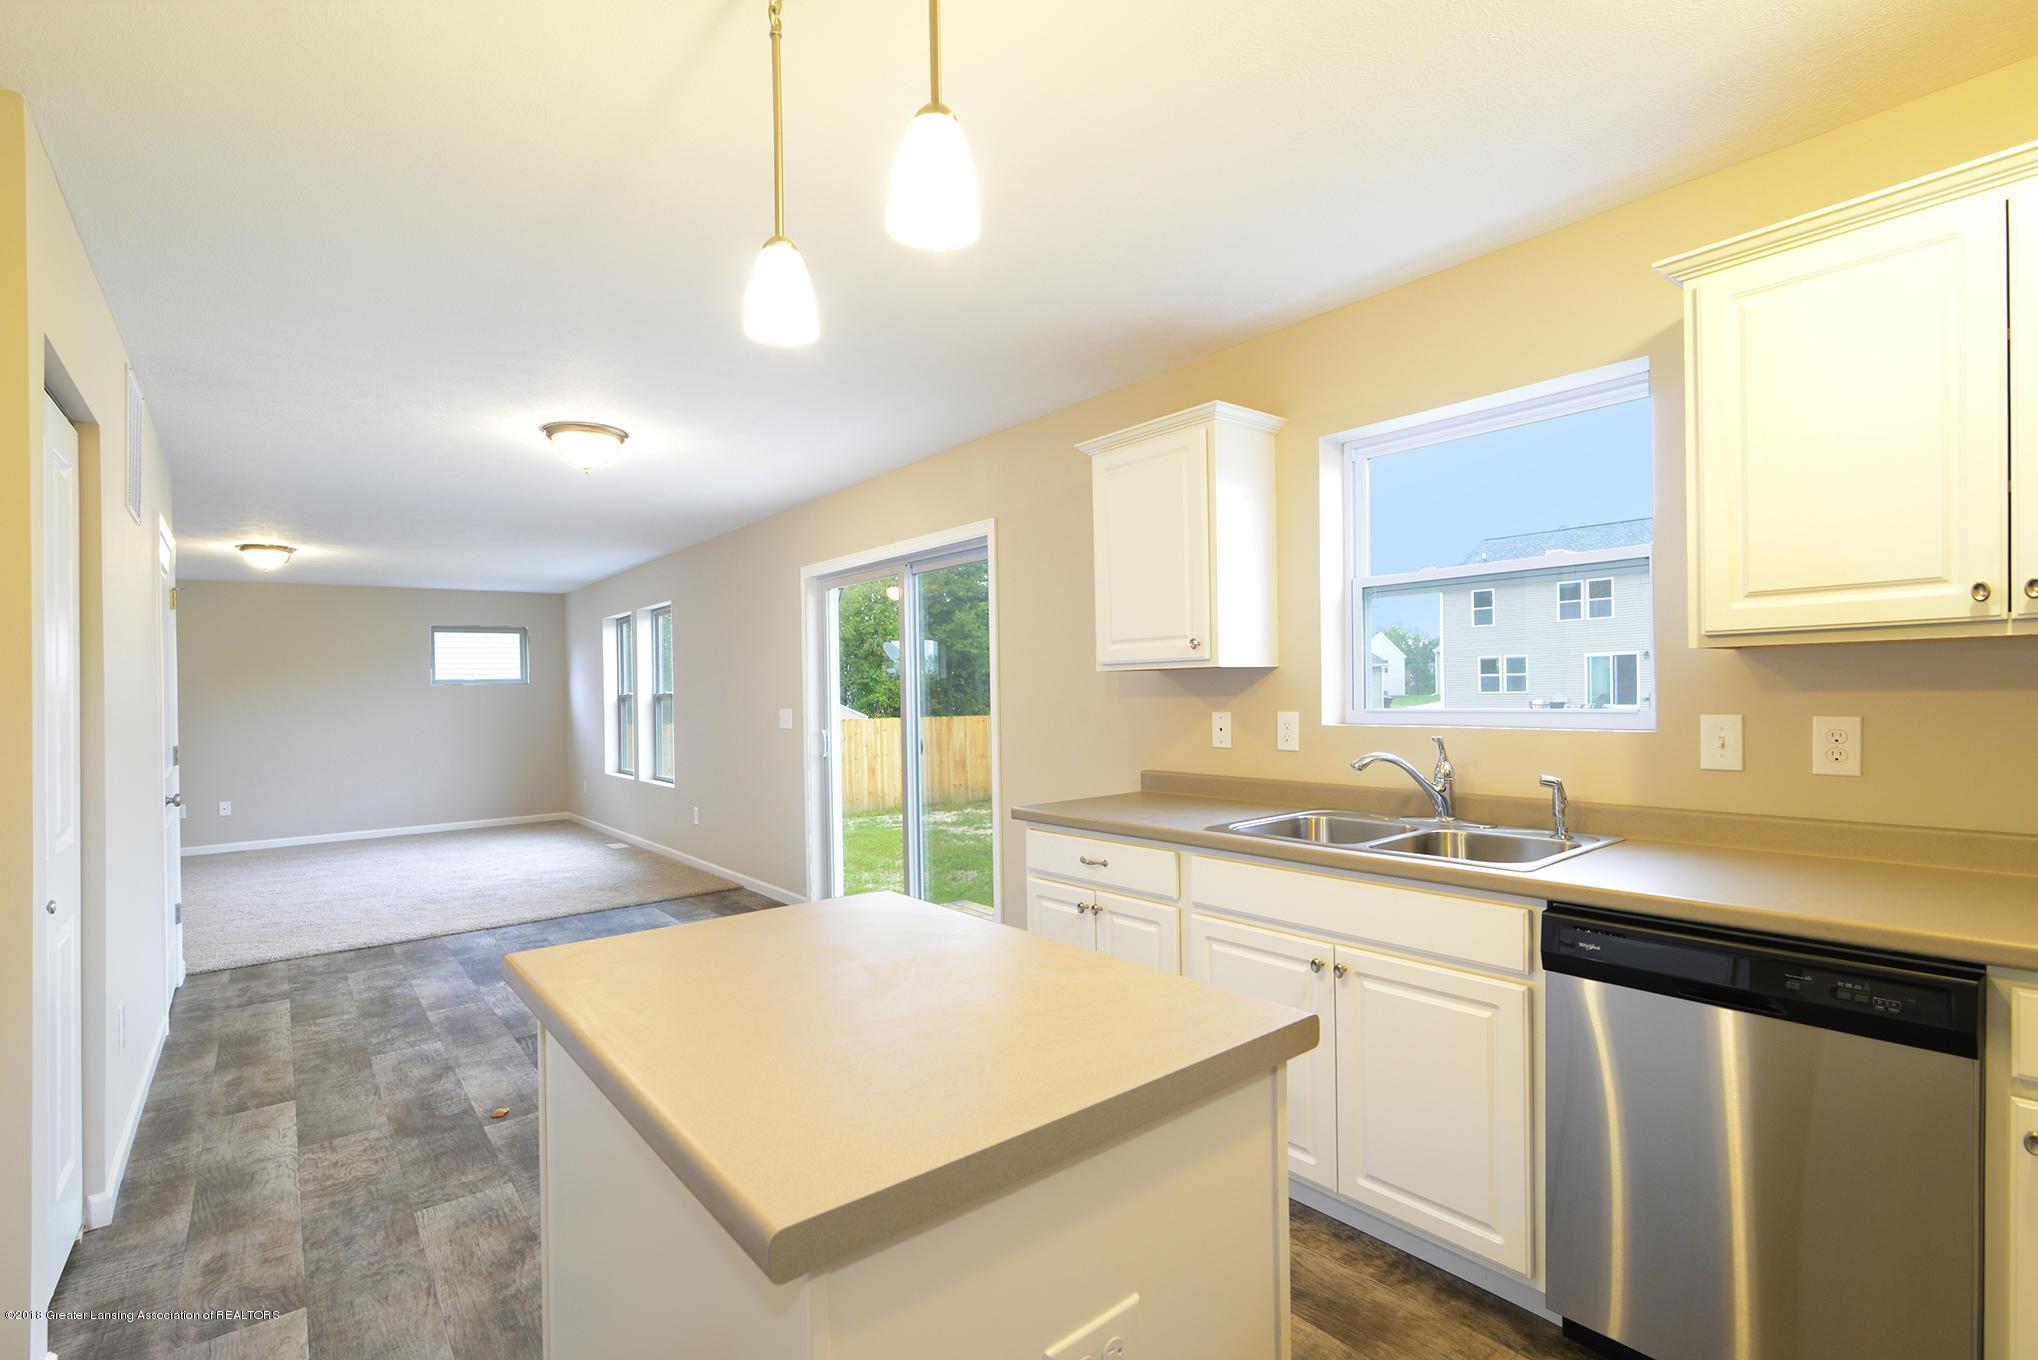 3586 Fernwood Ln - GDN111-E1700 Kitchen-2 - 5